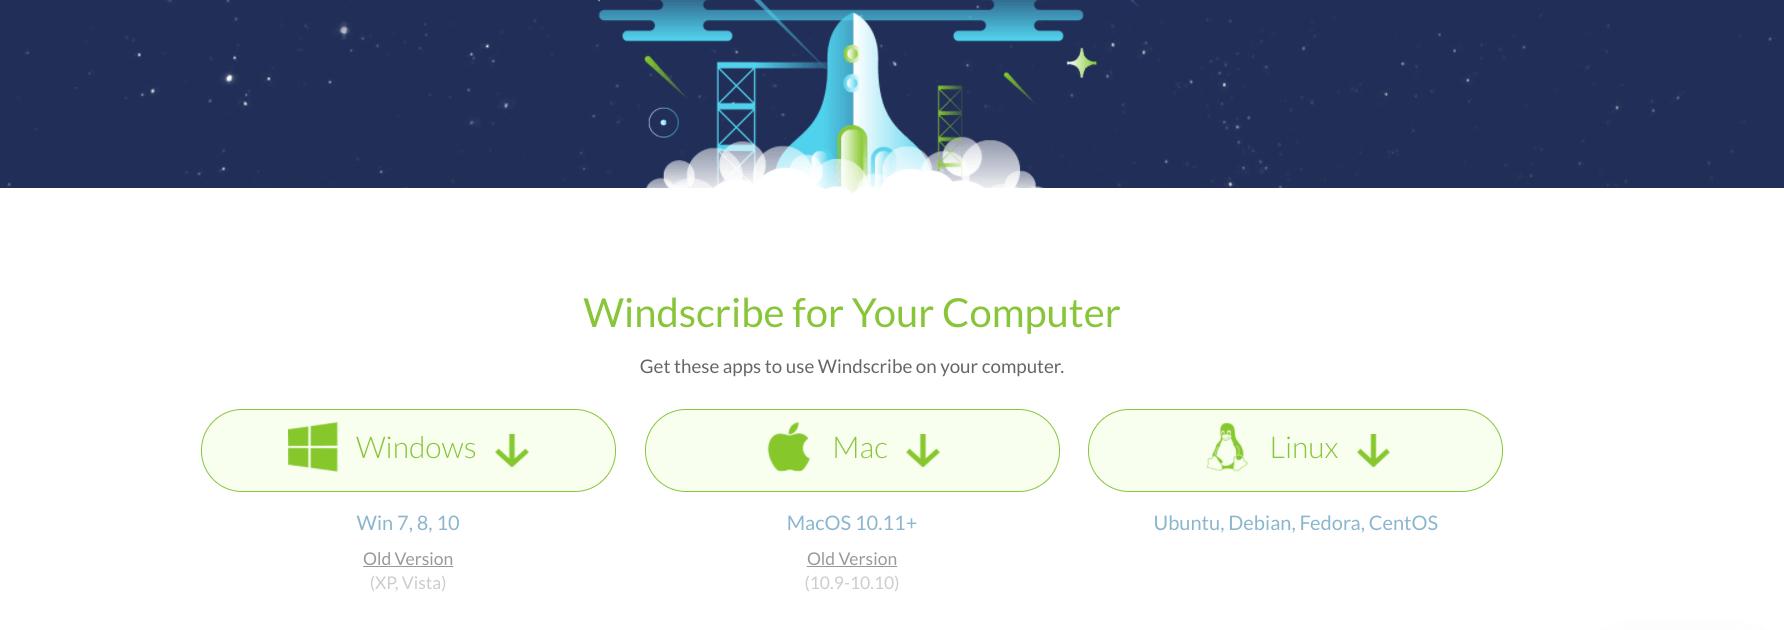 desktop downloads voor windscribe